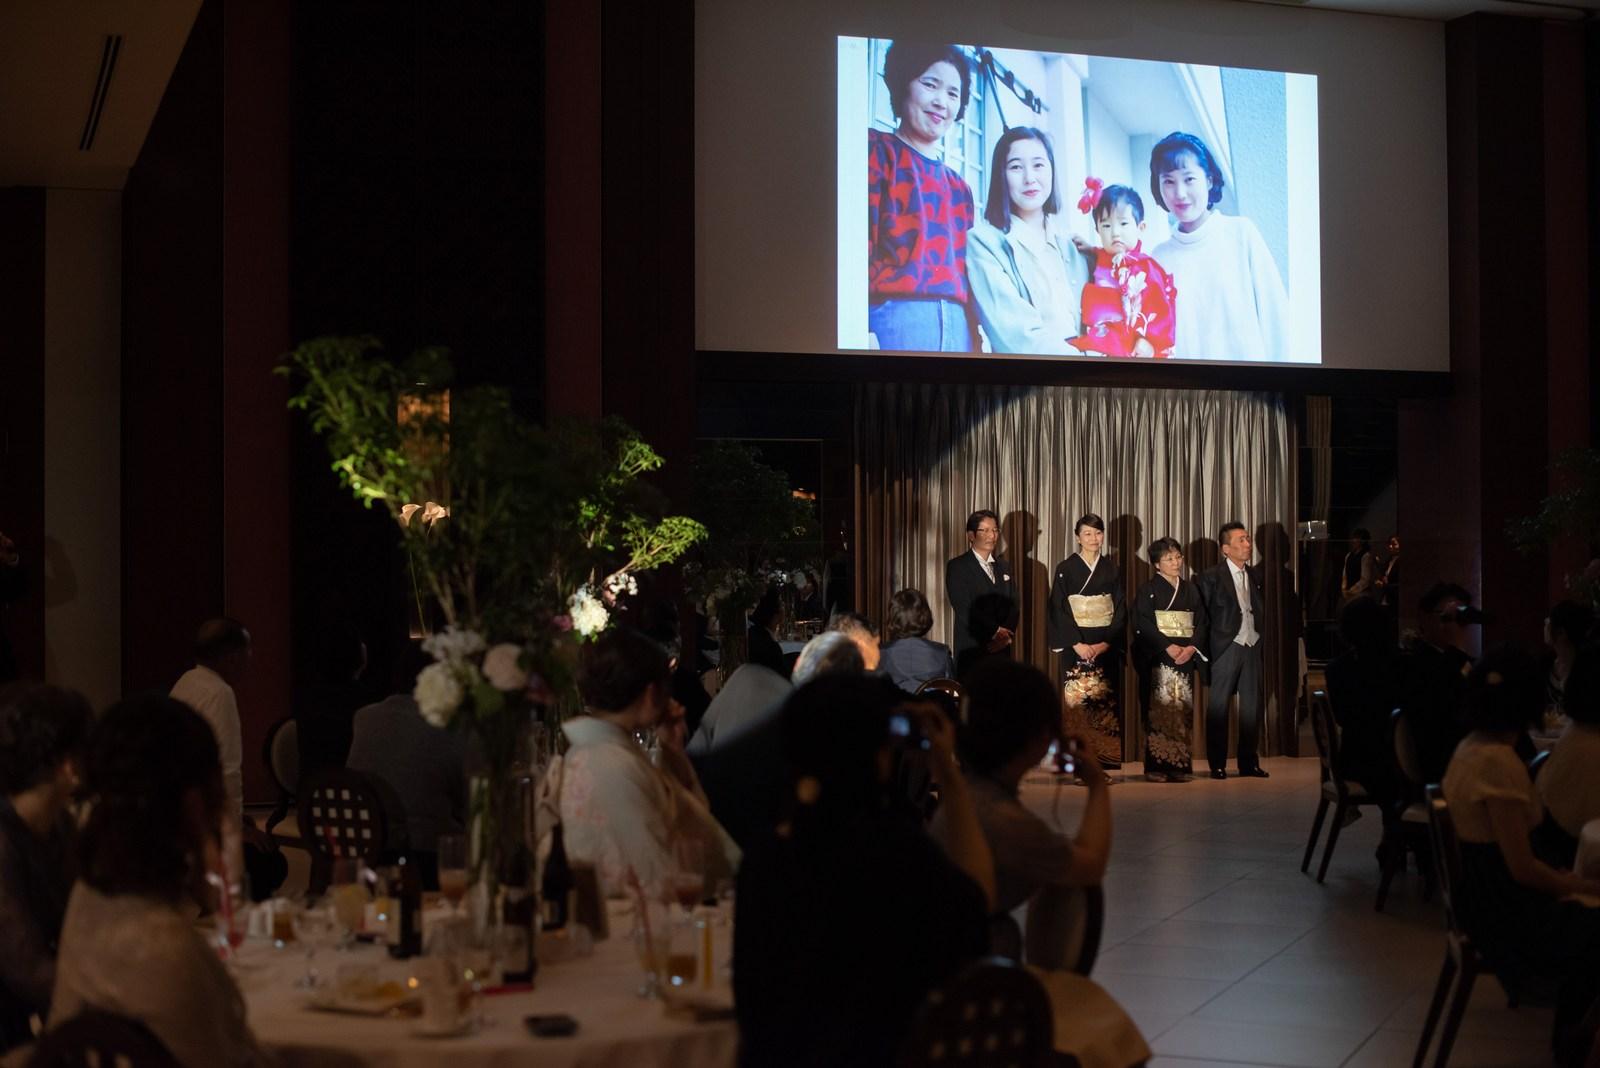 徳島県の結婚式場ブランアンジュで上映された家族の大切な思い出がつまったムービー